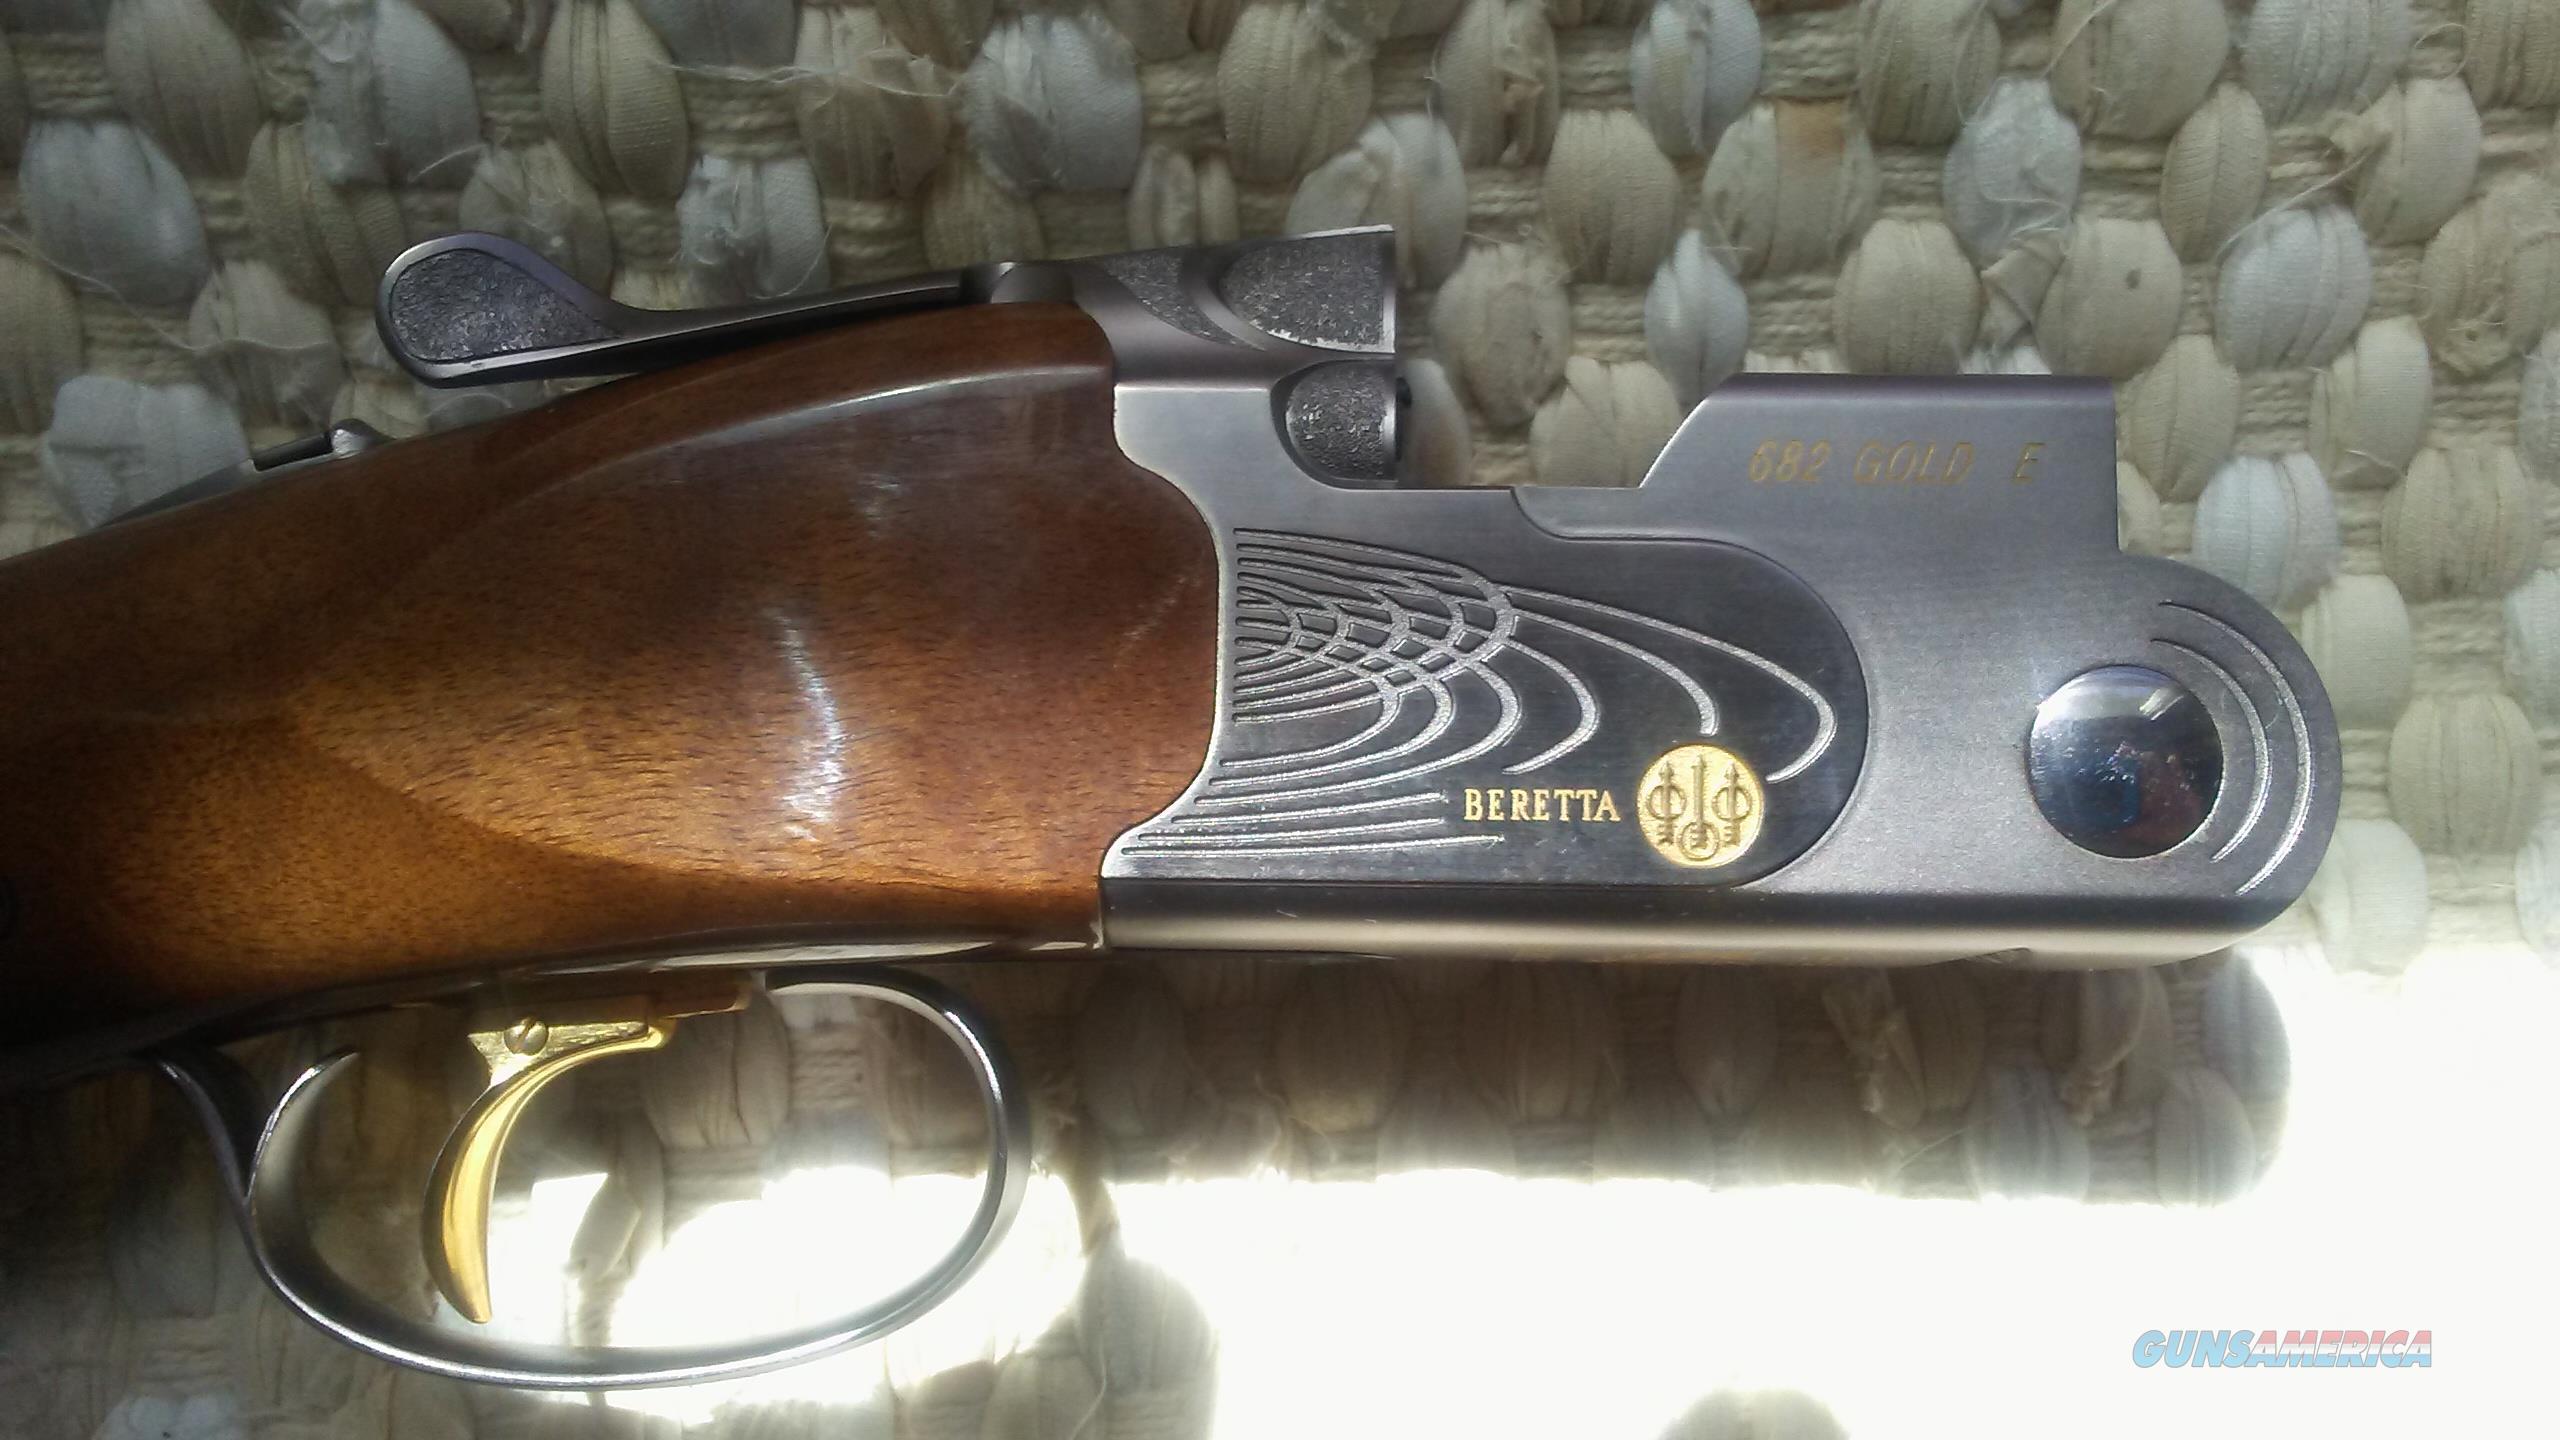 Beretta 682 Gold E Sporting For Sale